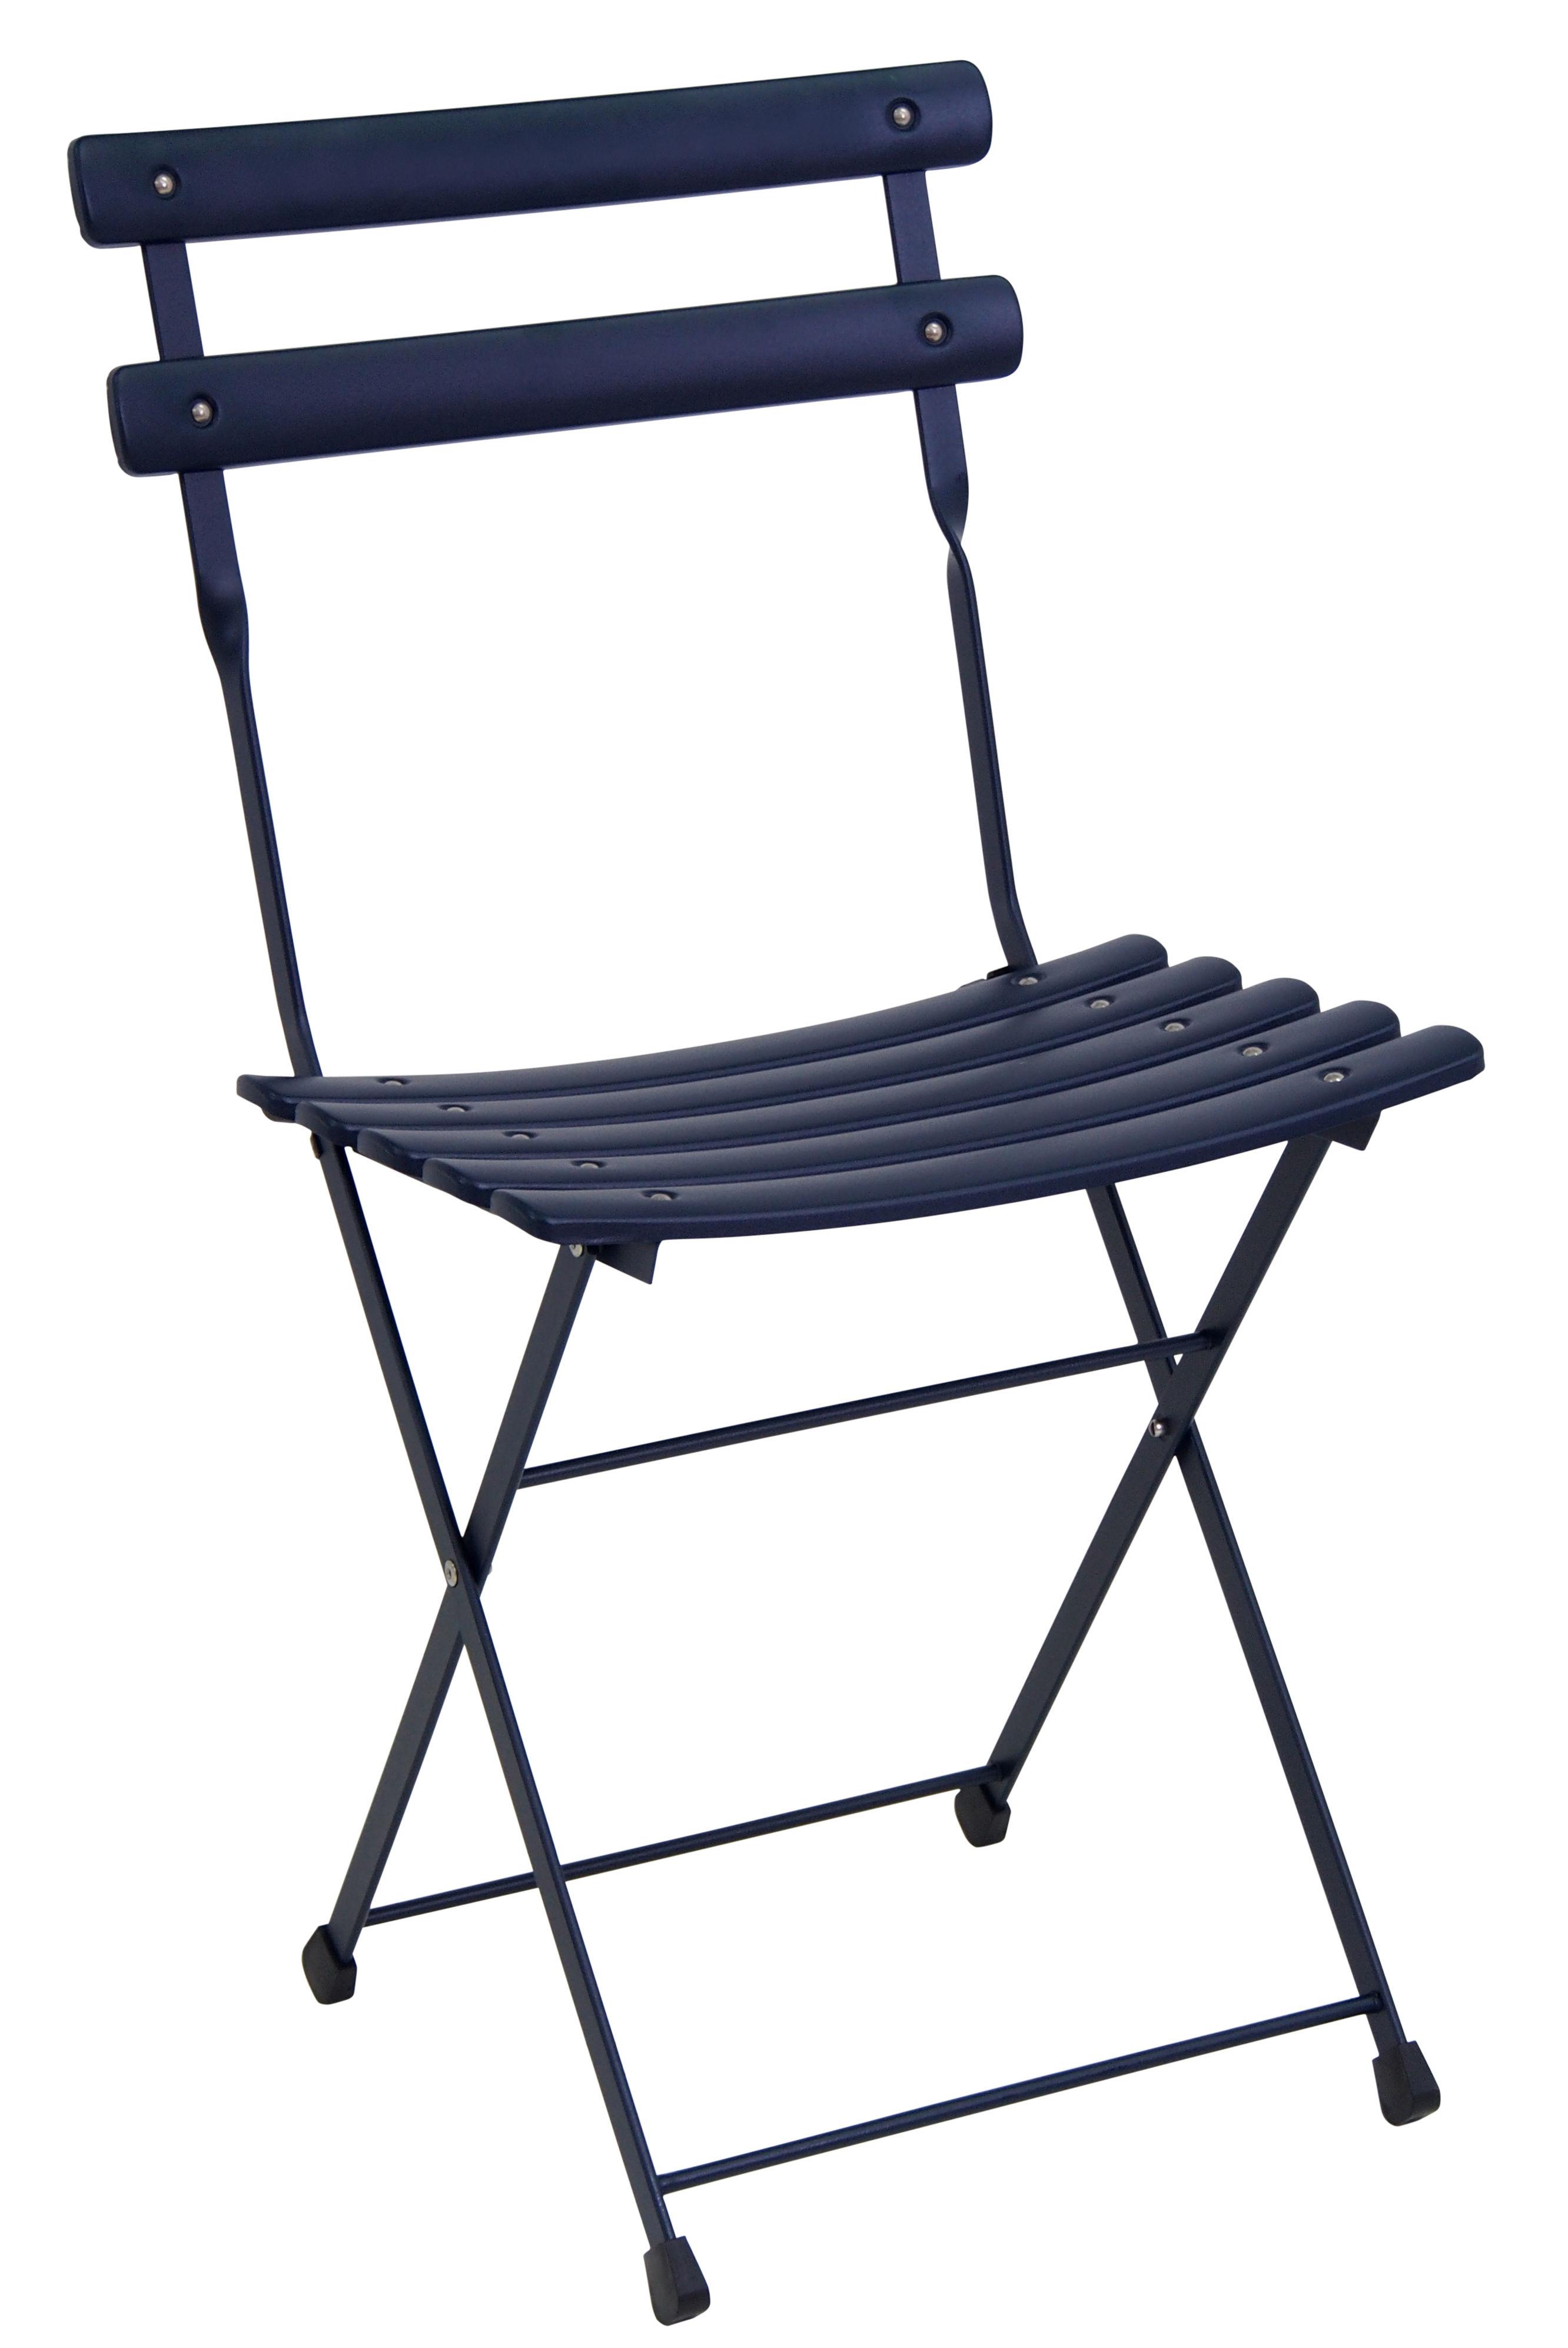 Mobilier - Chaises, fauteuils de salle à manger - Chaise pliante Arc en Ciel / Métal - Emu - Bleu foncé - Acier verni